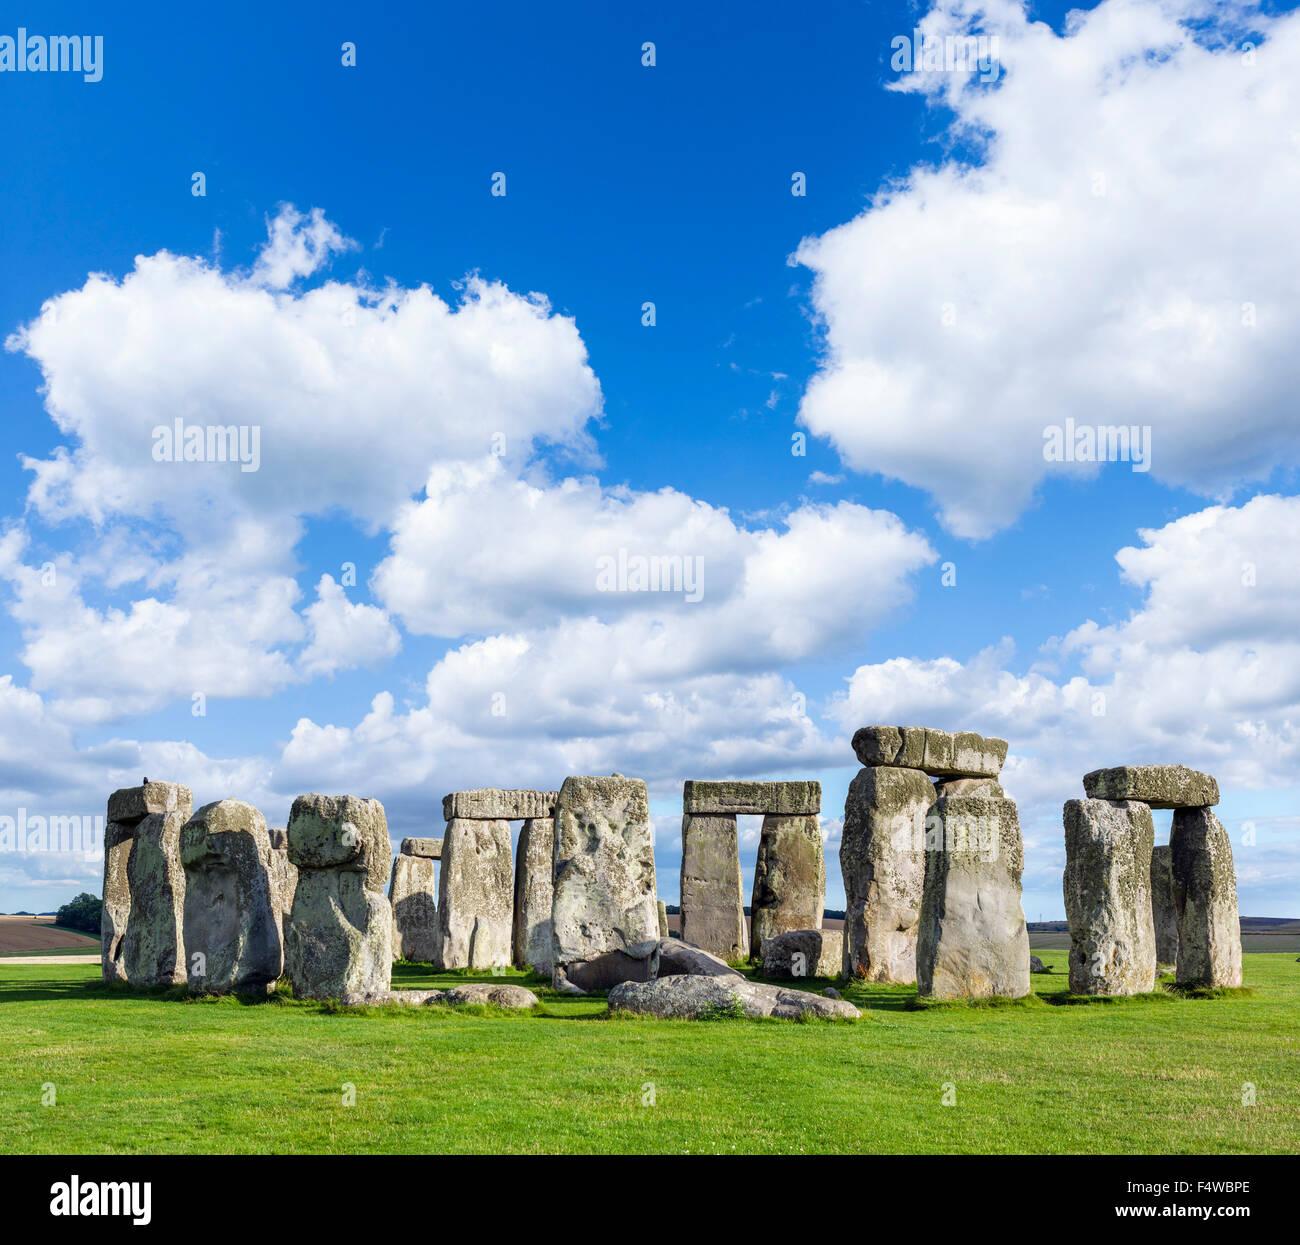 Stonehenge, vicino a Amesbury, Wiltshire, Inghilterra, Regno Unito Immagini Stock